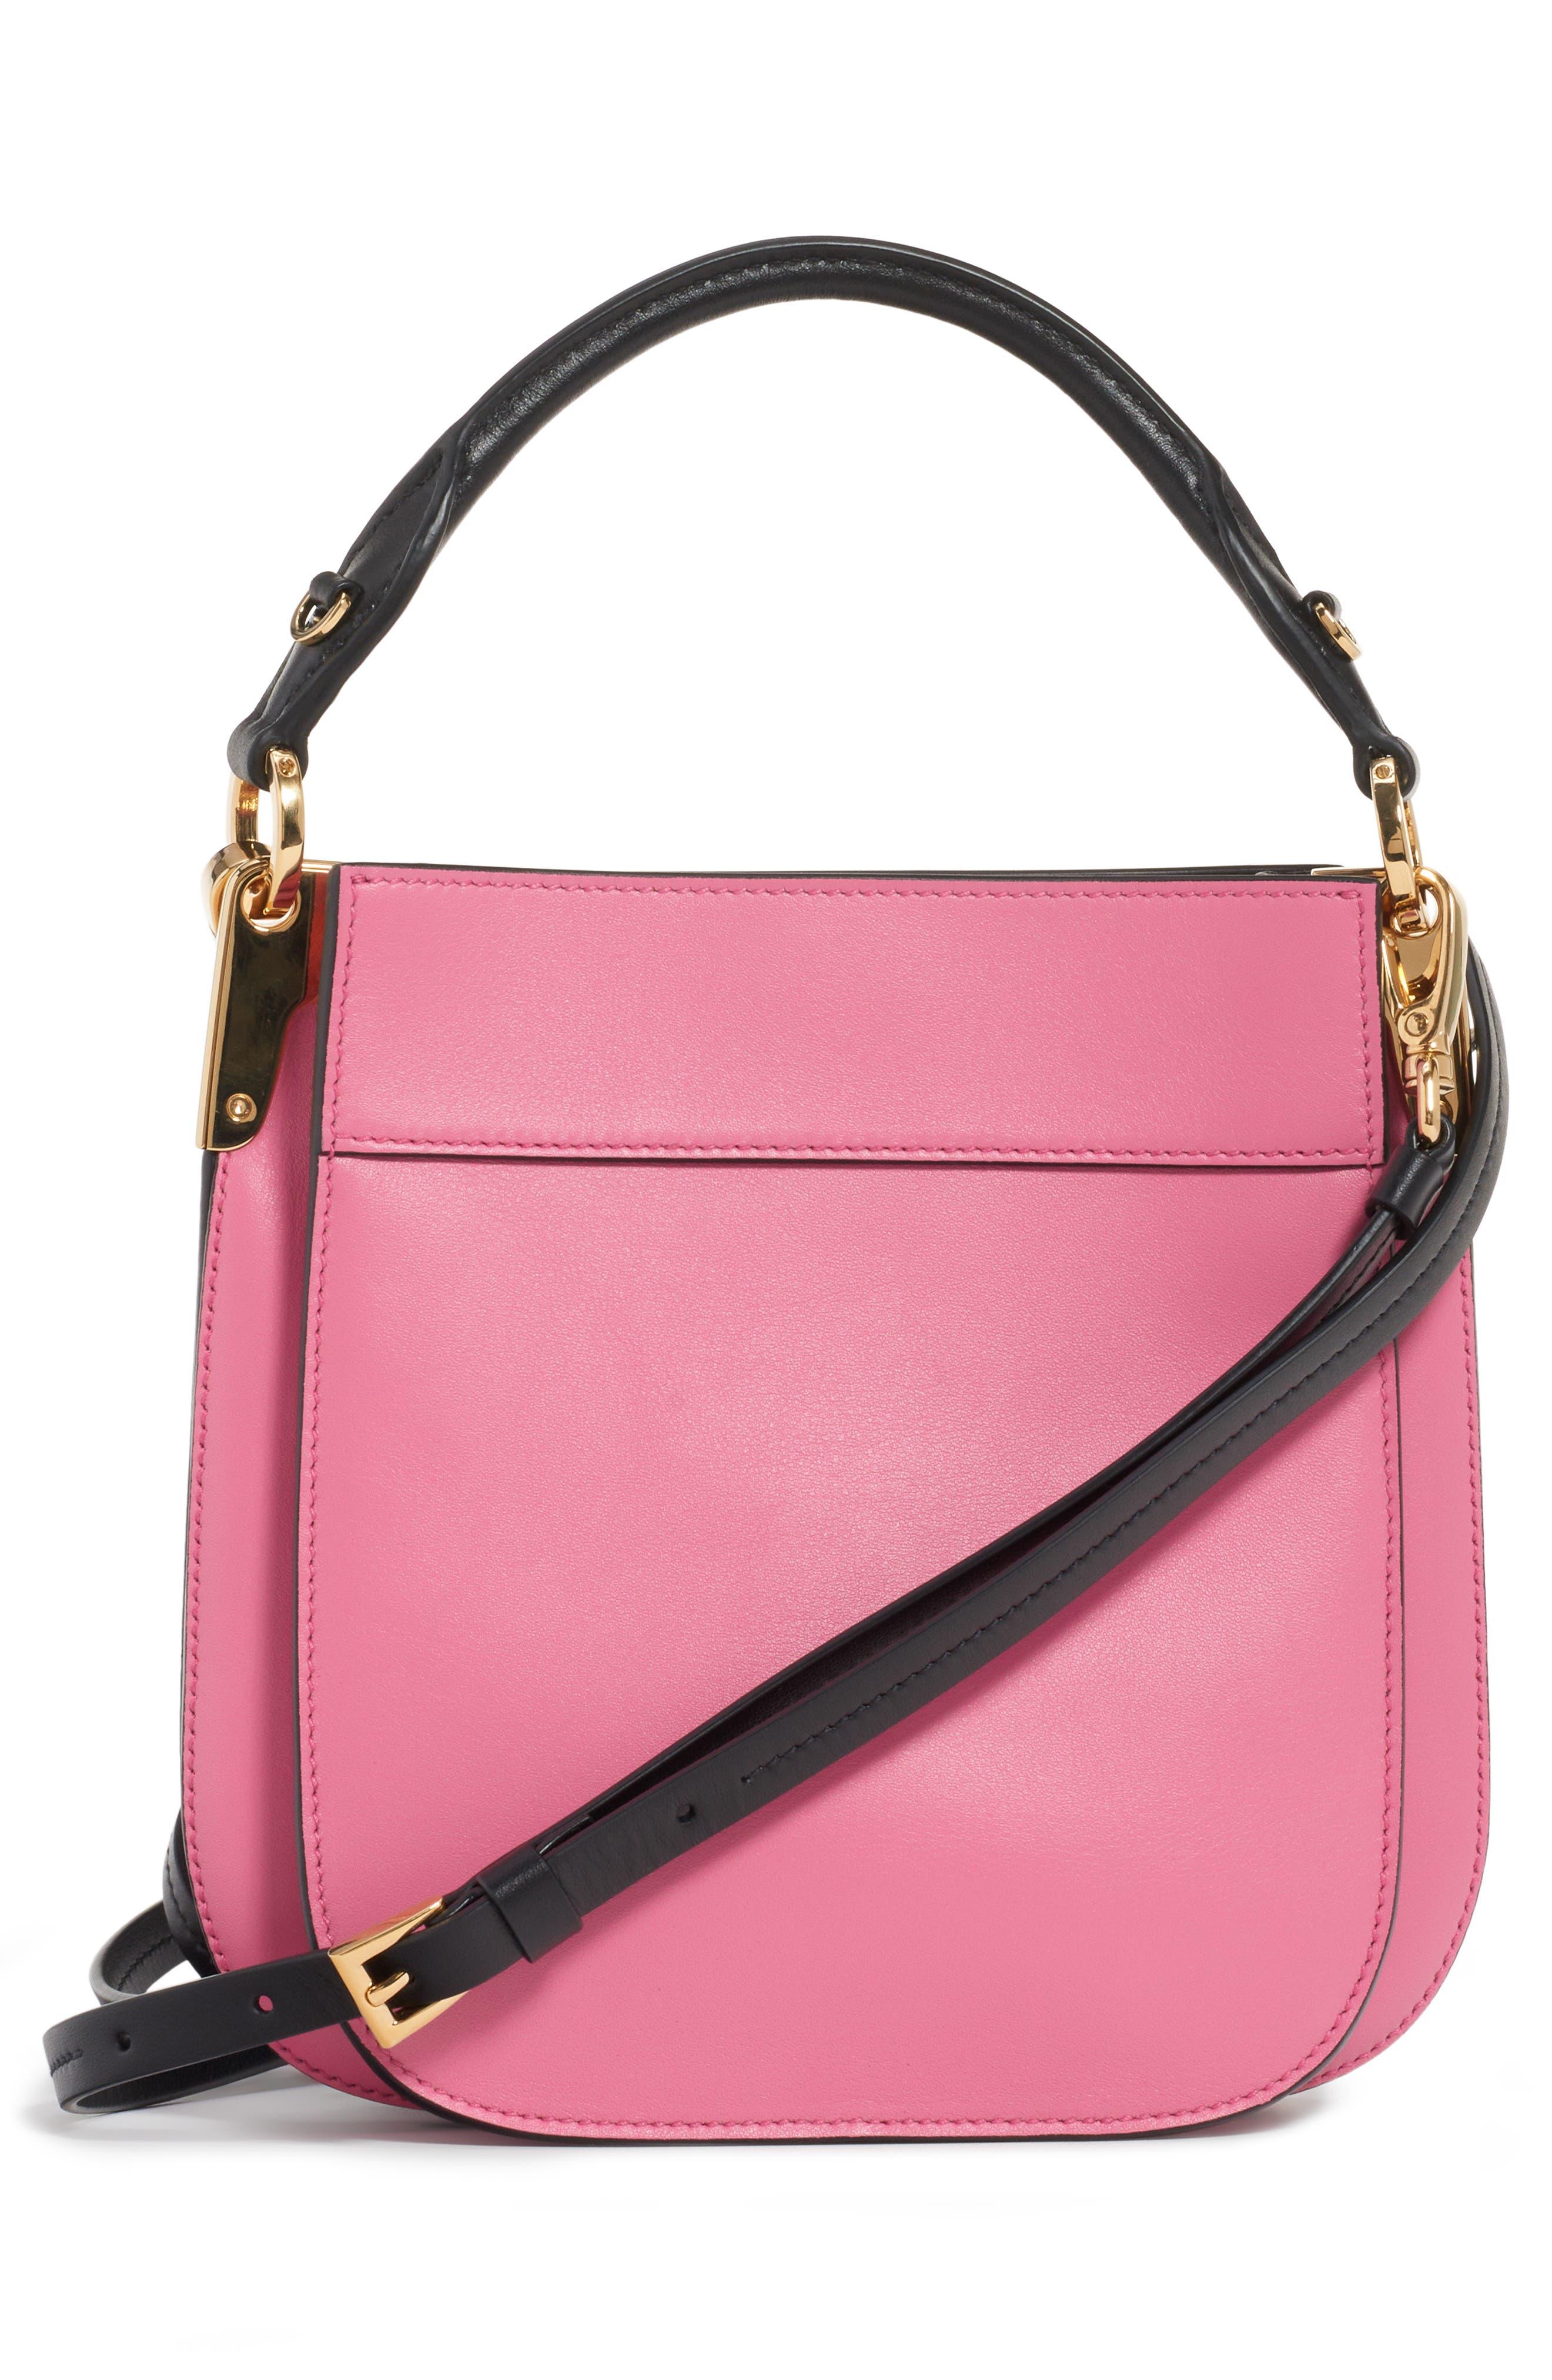 PRADA, Large Margit Shoulder Bag, Alternate thumbnail 2, color, BEGONIA/ NERO